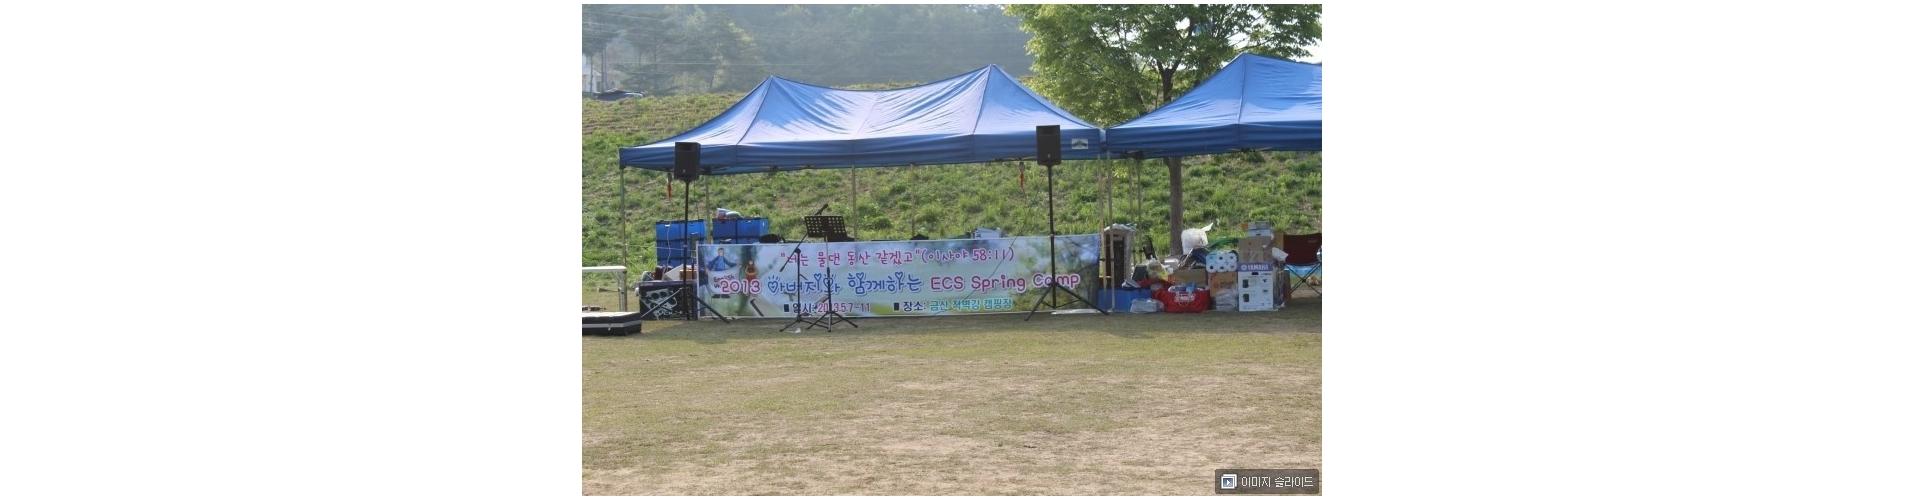 2013 봄캠핑-금산 적벽강의 하루